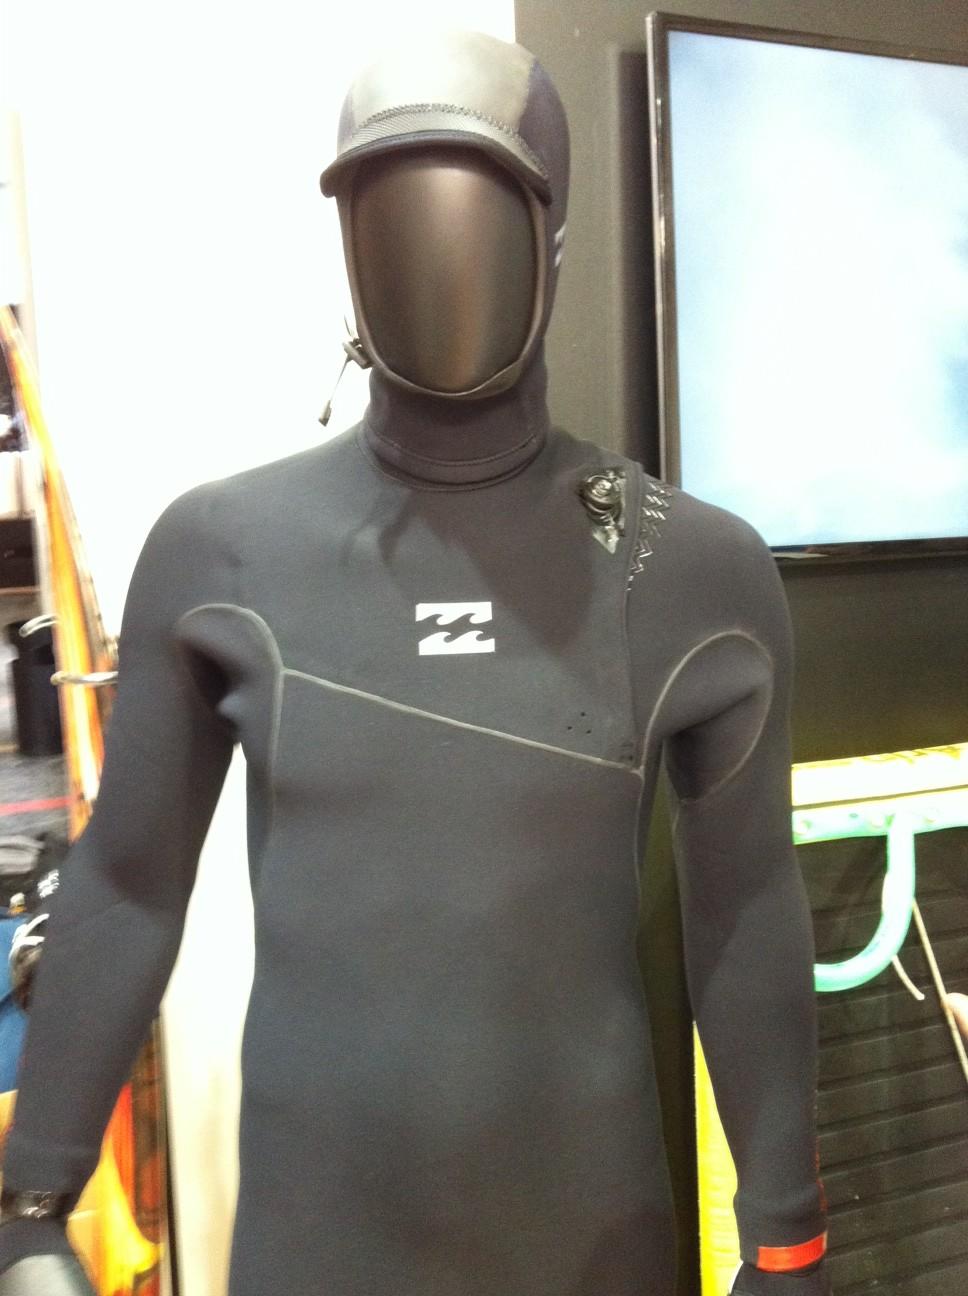 von den Snowboardboots geklaut und jetzt im neuen Billabong Wetsuit - das BOA Schnürsystem